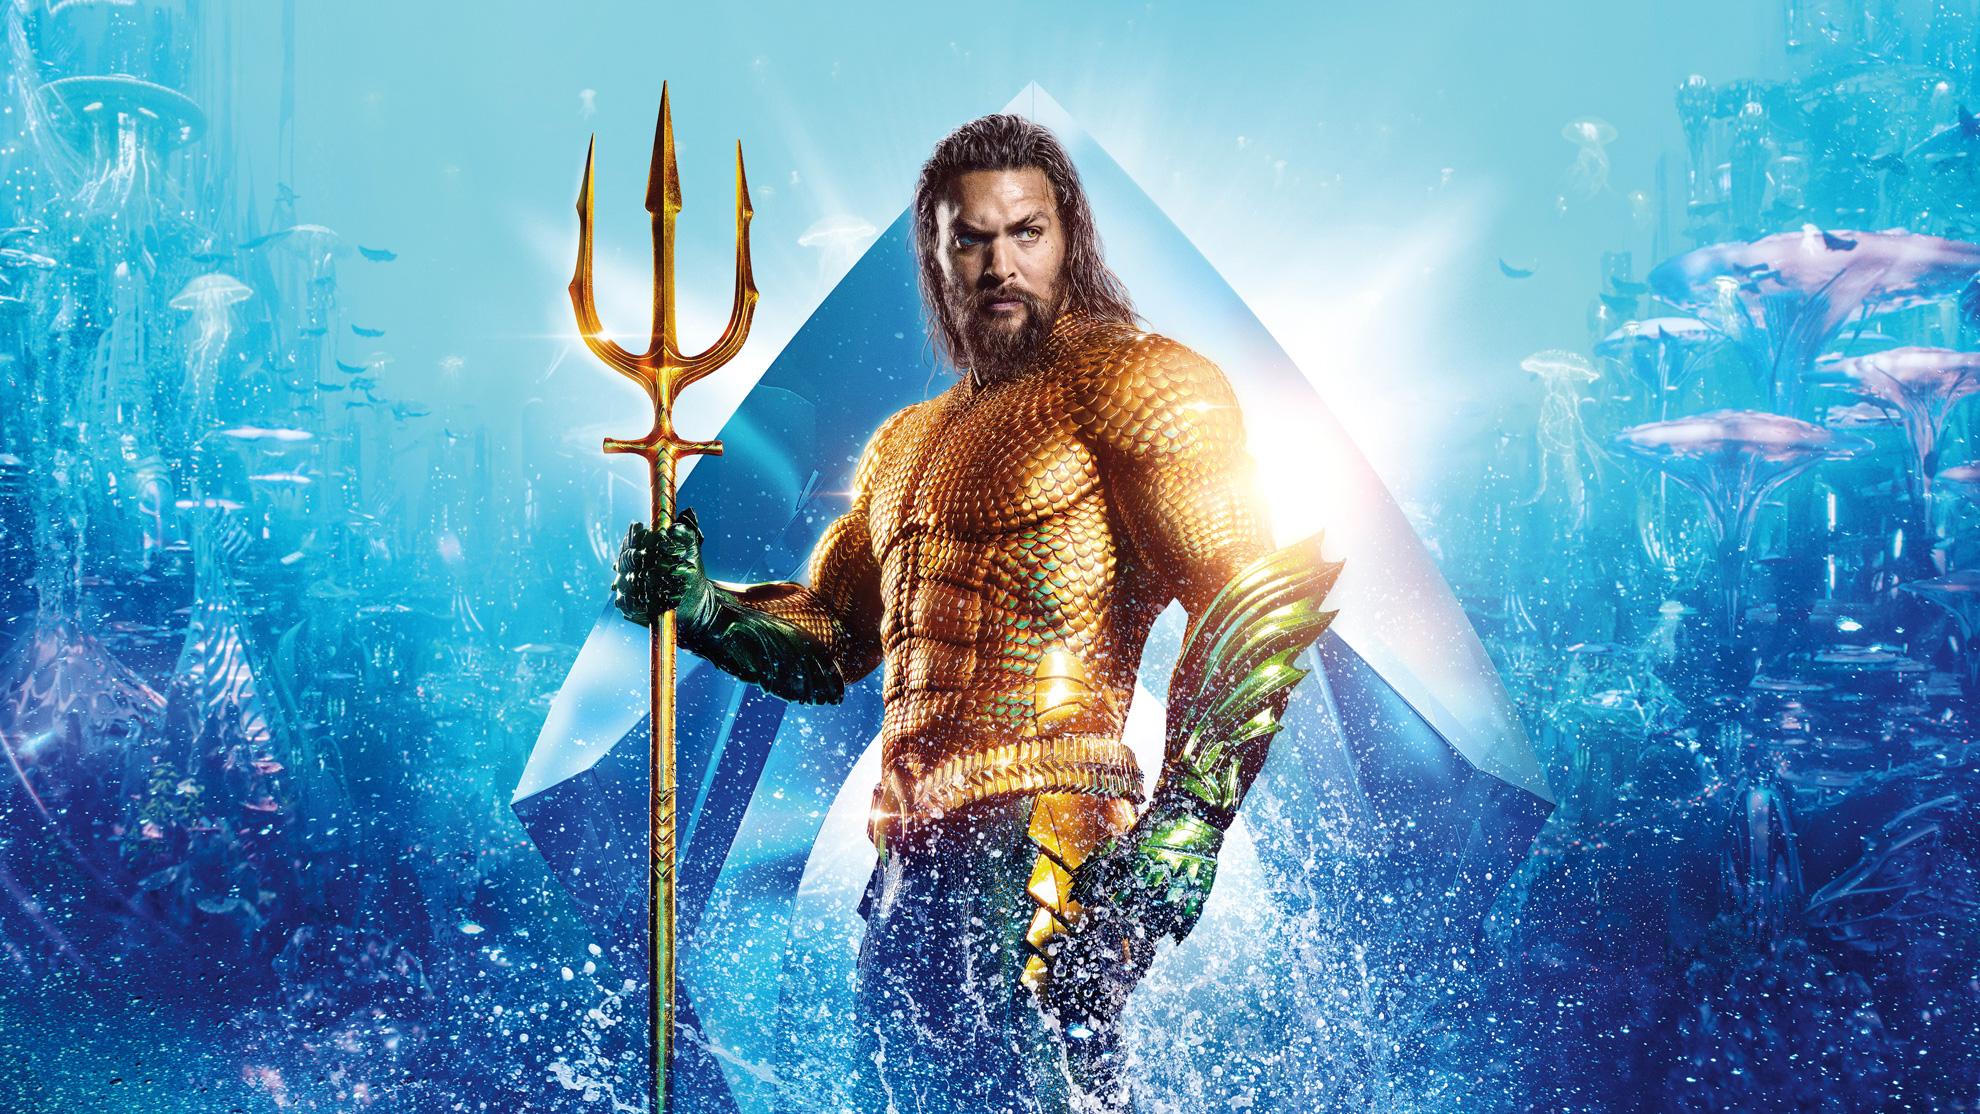 Fondos De Escritorio Hd Dc: Fondos Aquaman 2018, Wallpapers Aquaman DC Comics